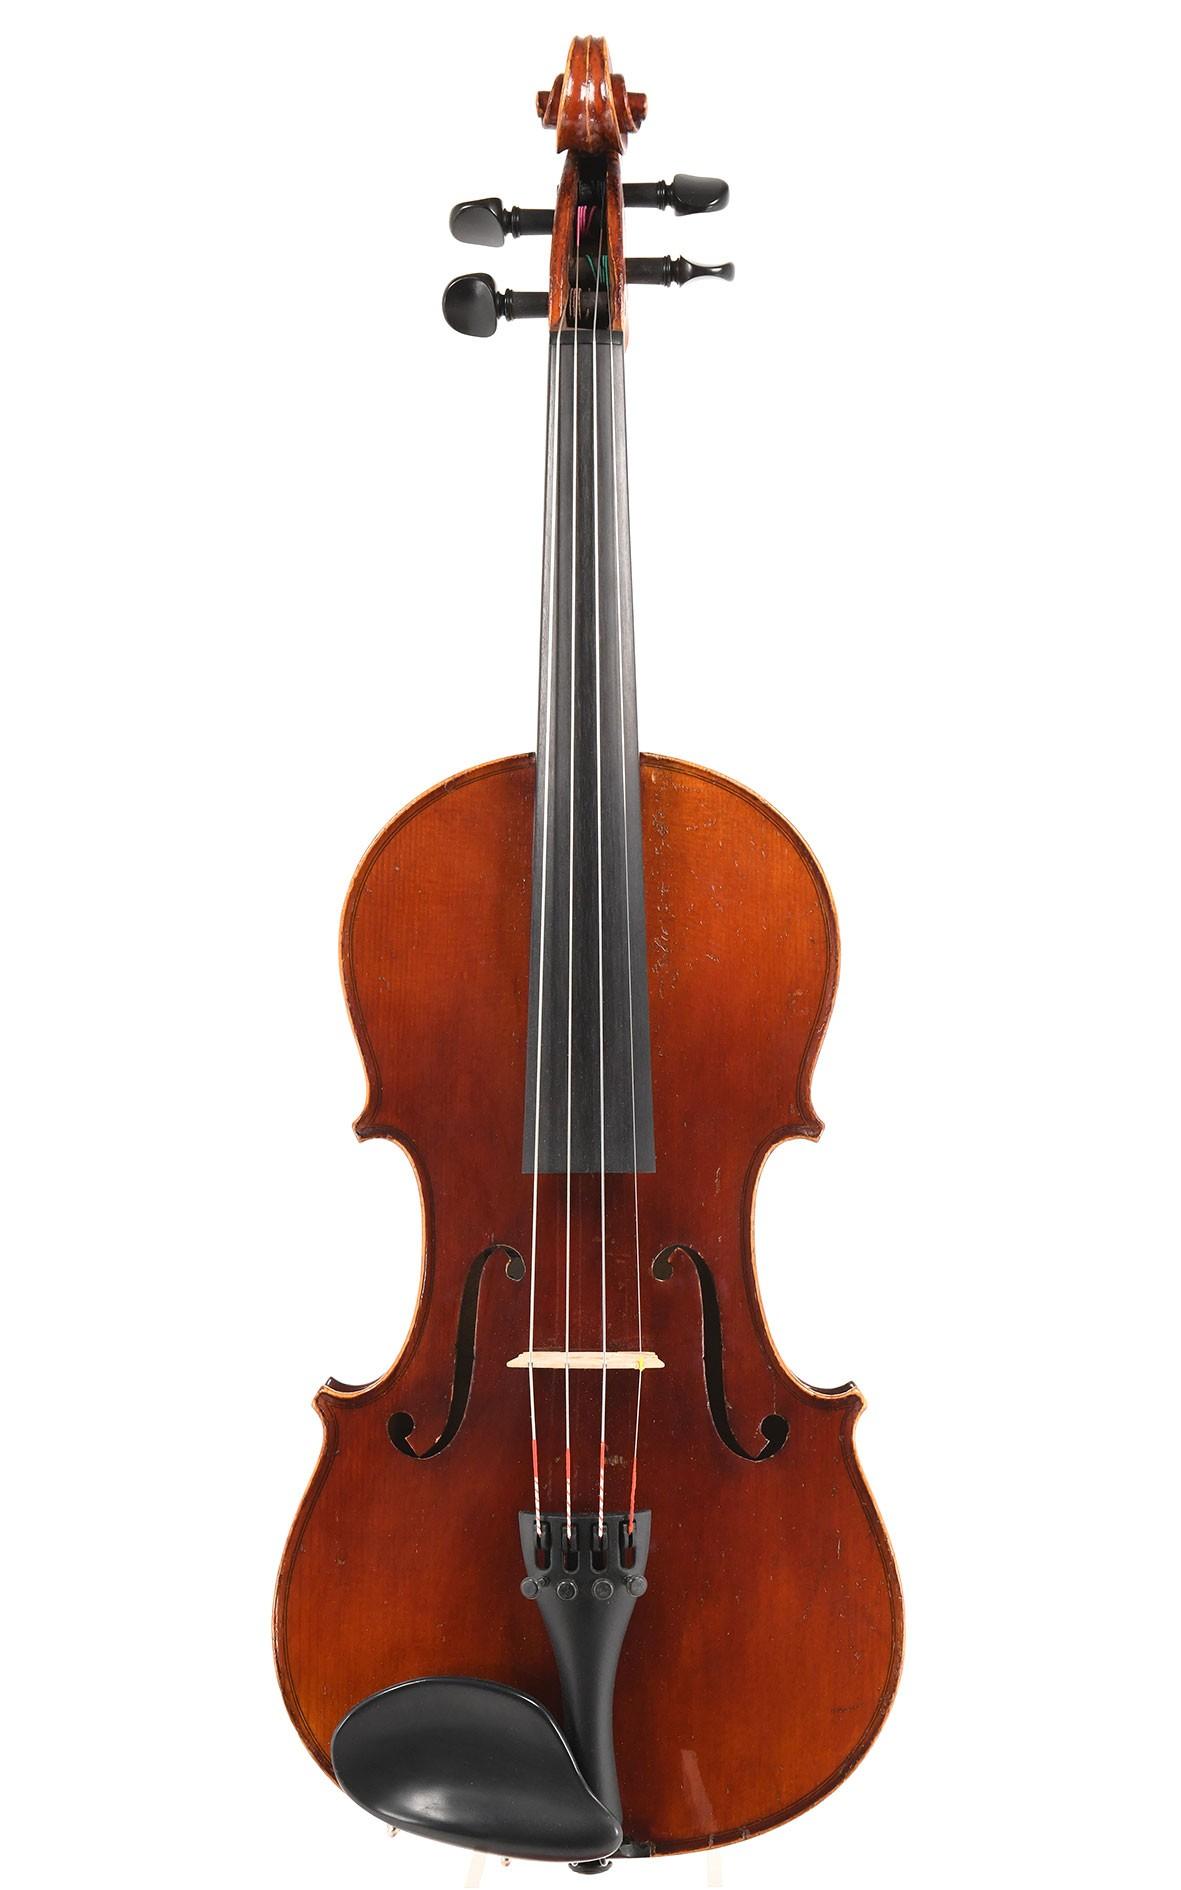 Neuner & Hornsteiner violin made in Mittenwald